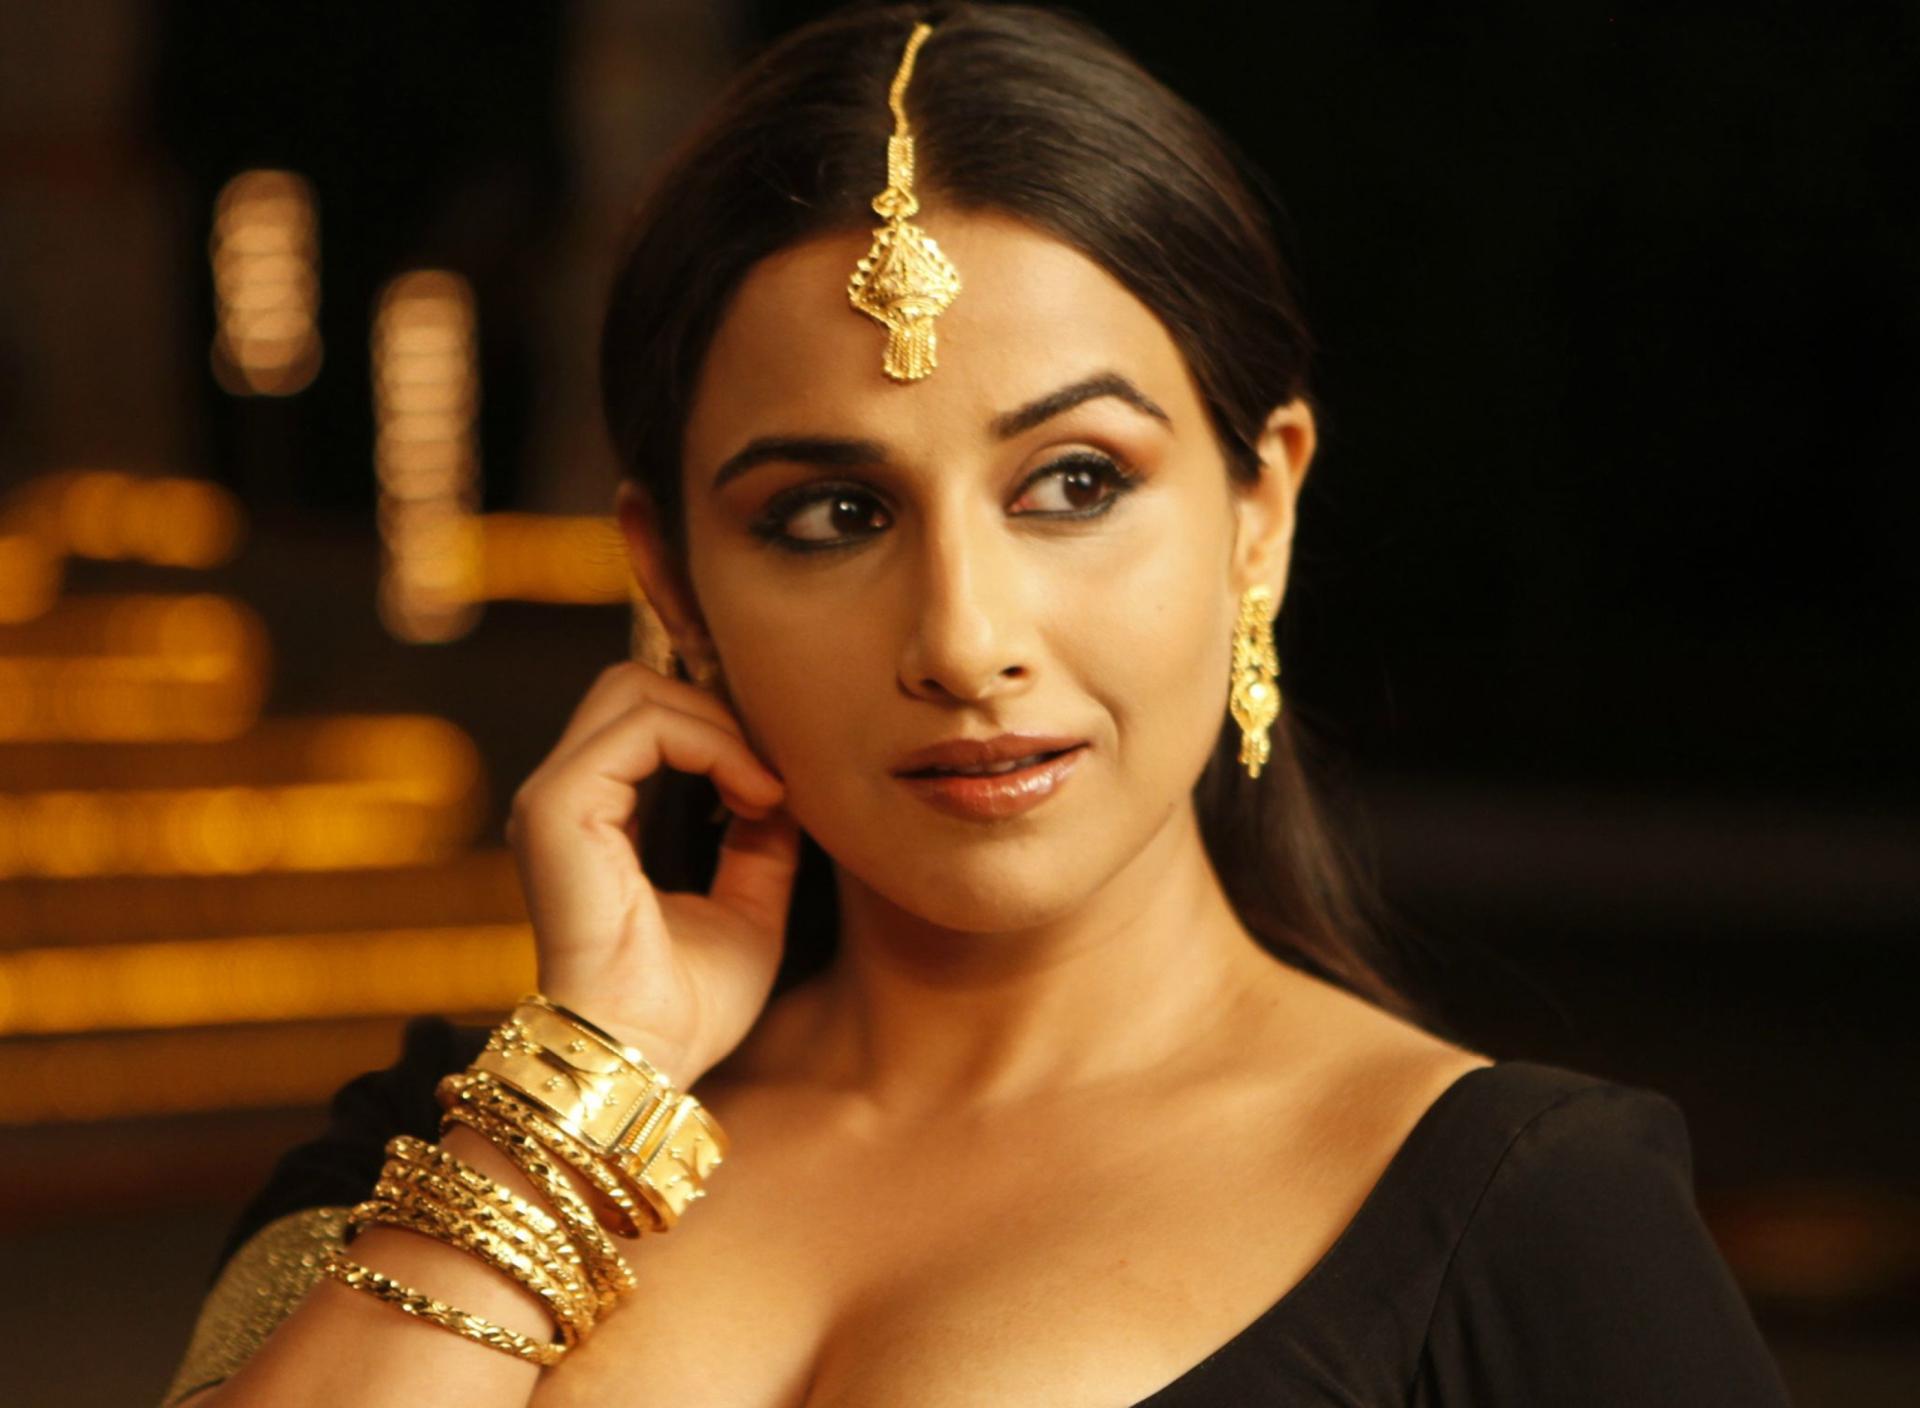 Koimoi - Bollywood News, Box Office, Movie Reviews and Photos Bollywood film stars photos